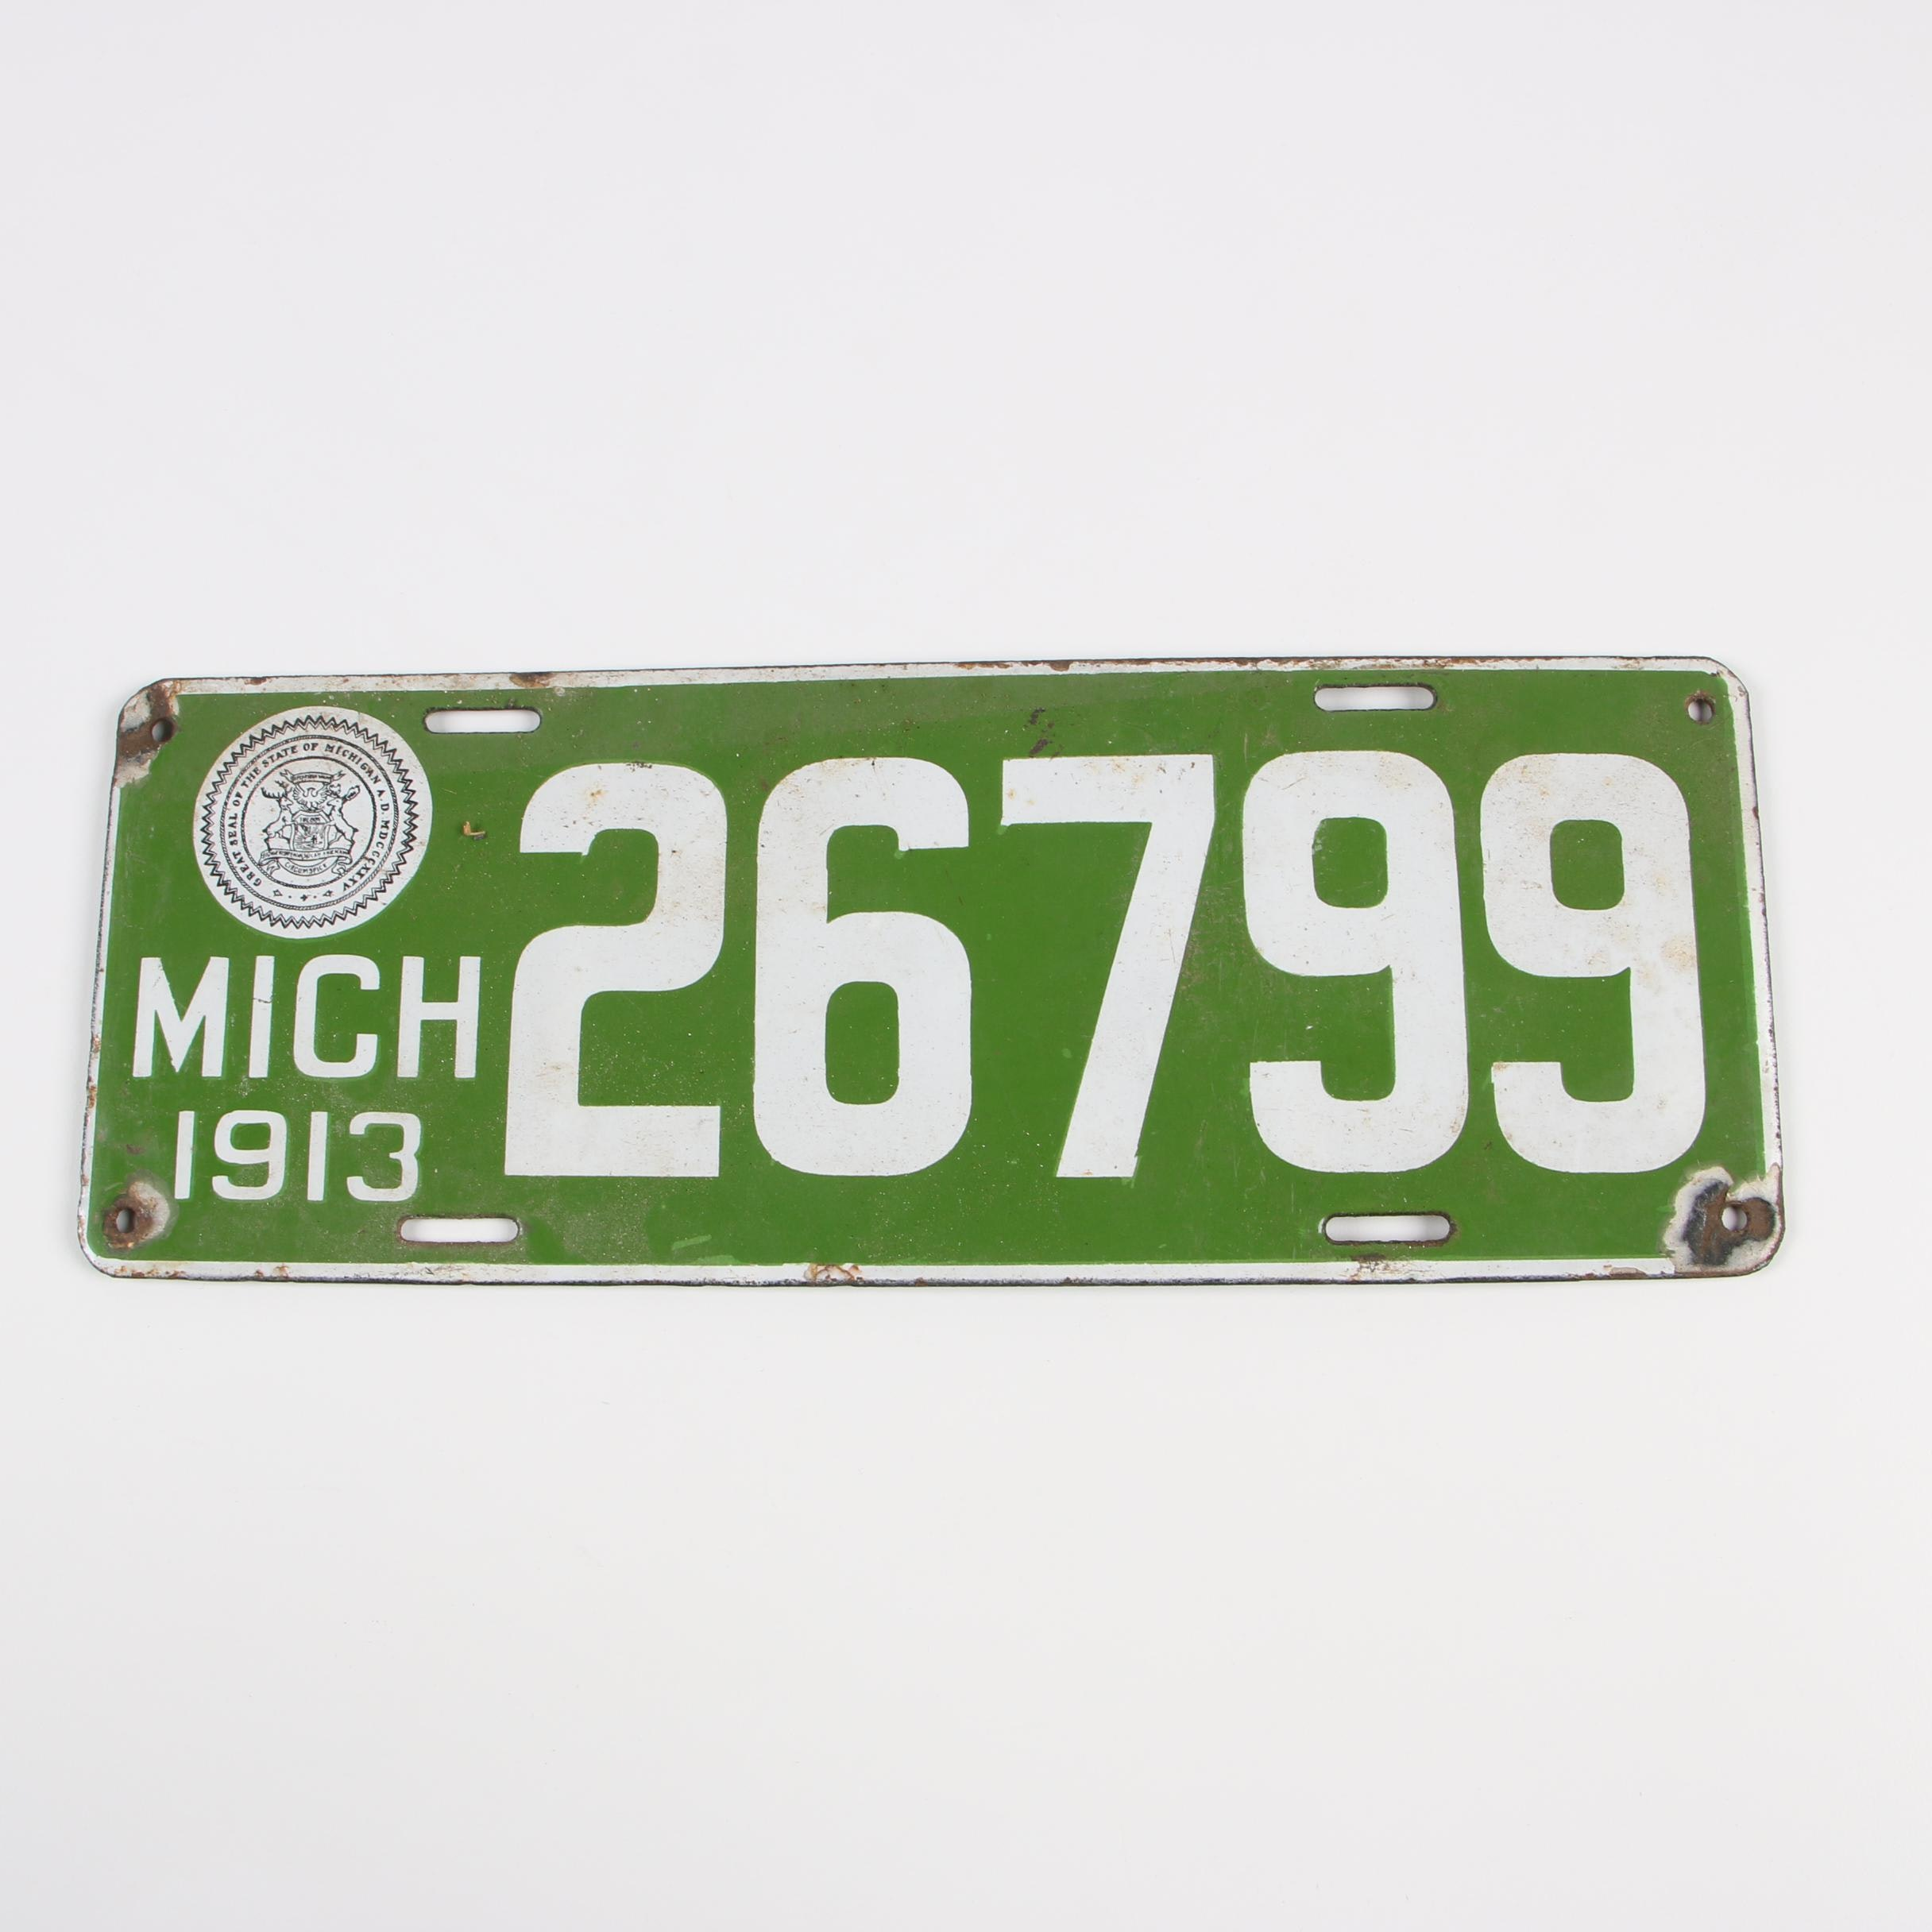 Michigan License Plate, 1913